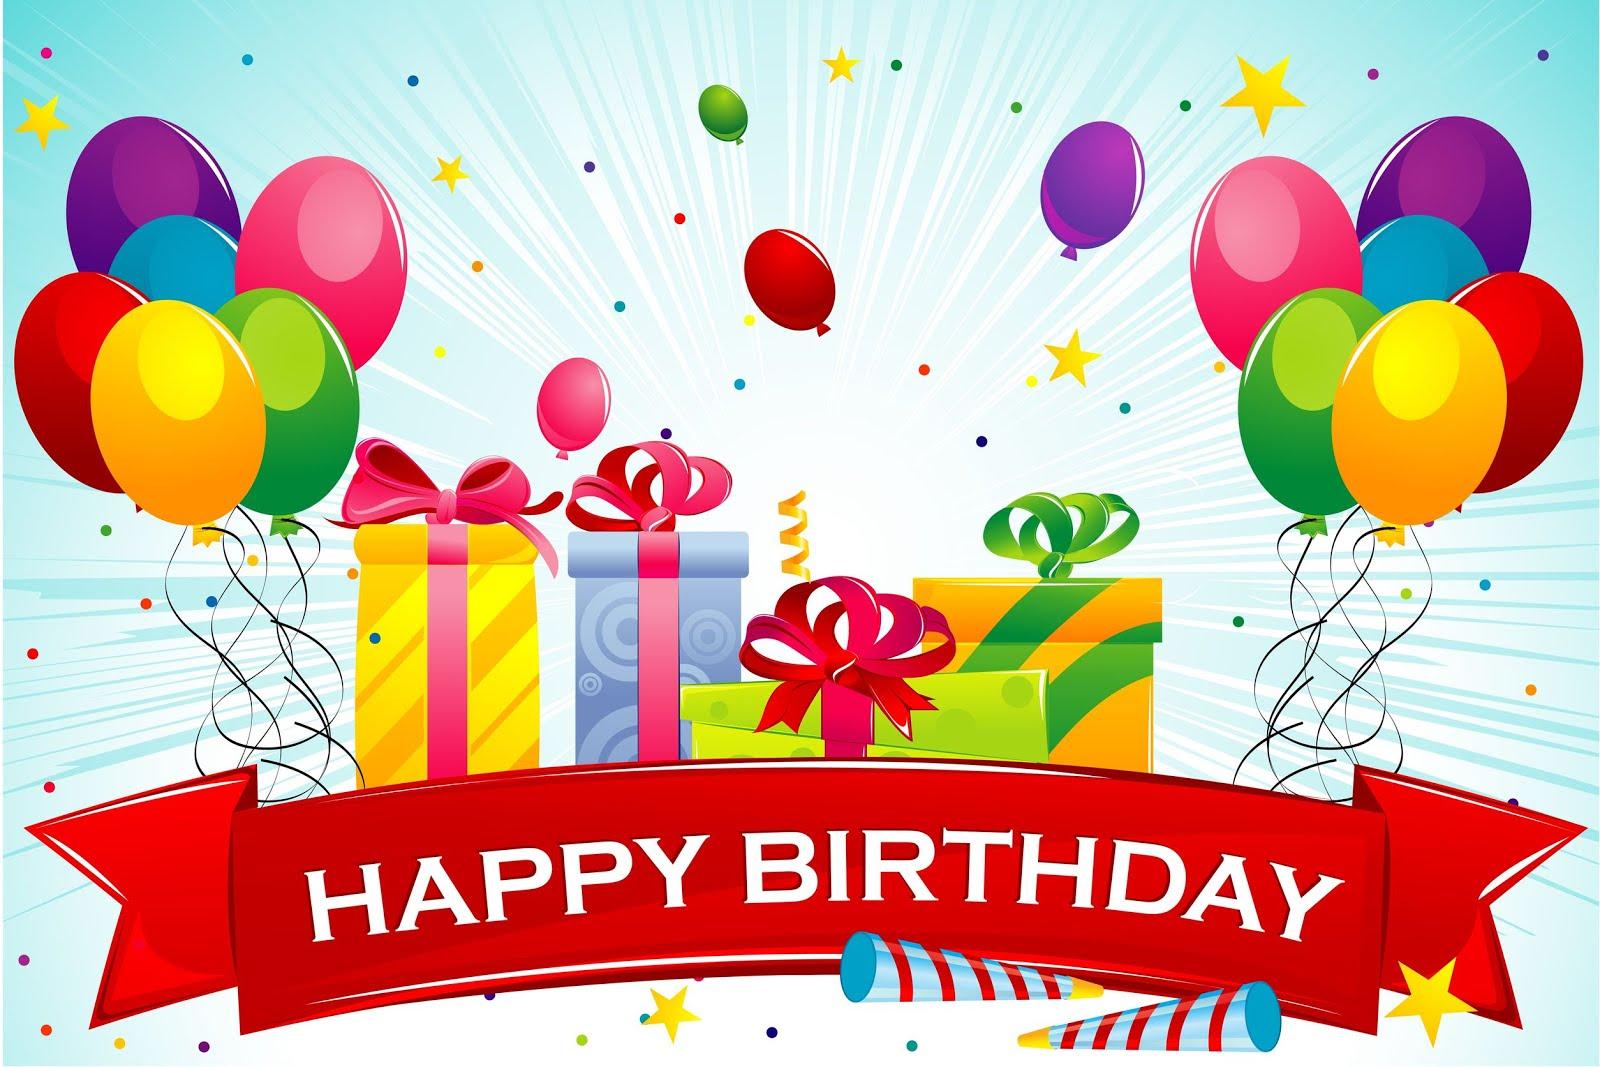 Nota: Haga usted click aquí para ver más postales de cumpleaños